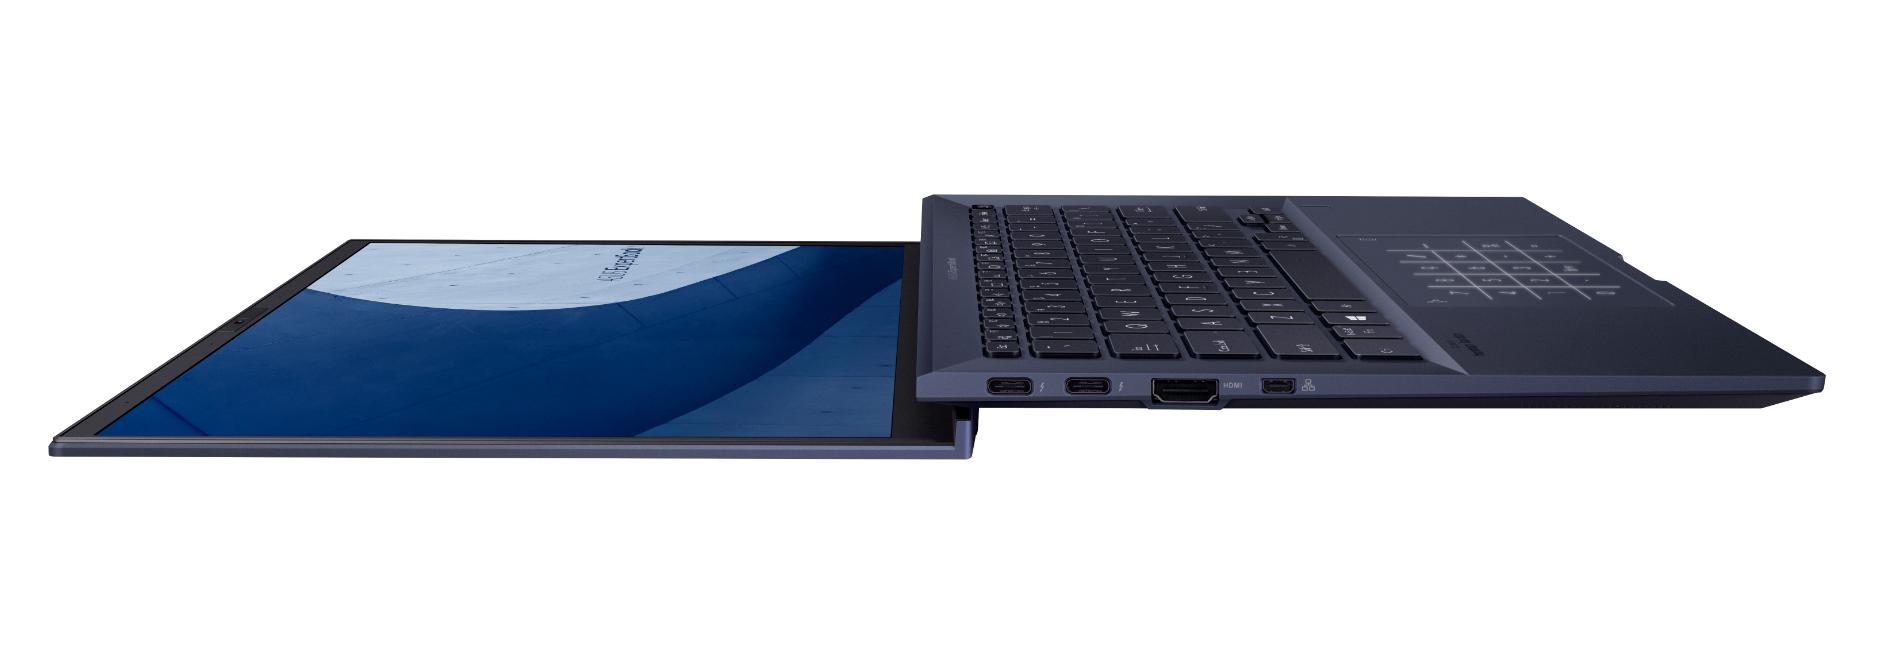 В Украине появился в продаже бизнес-ноутбук ASUS ExpertBook B9